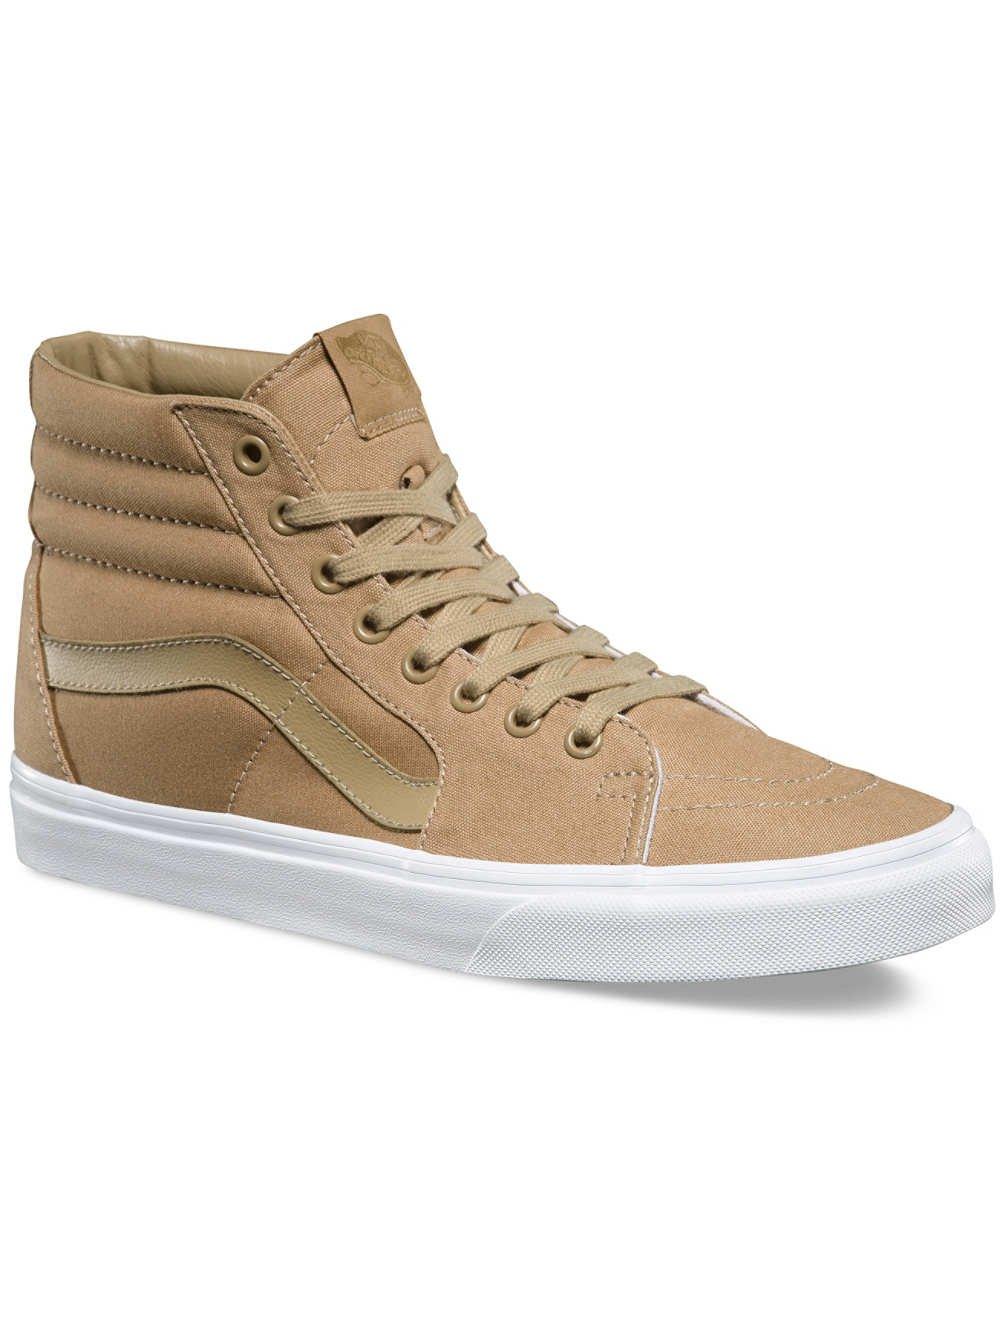 Vans Herren UA Sk8-Hi Hohe Sneakers, Gruuml;n  4.0|(Mono Canvas) Khaki/True